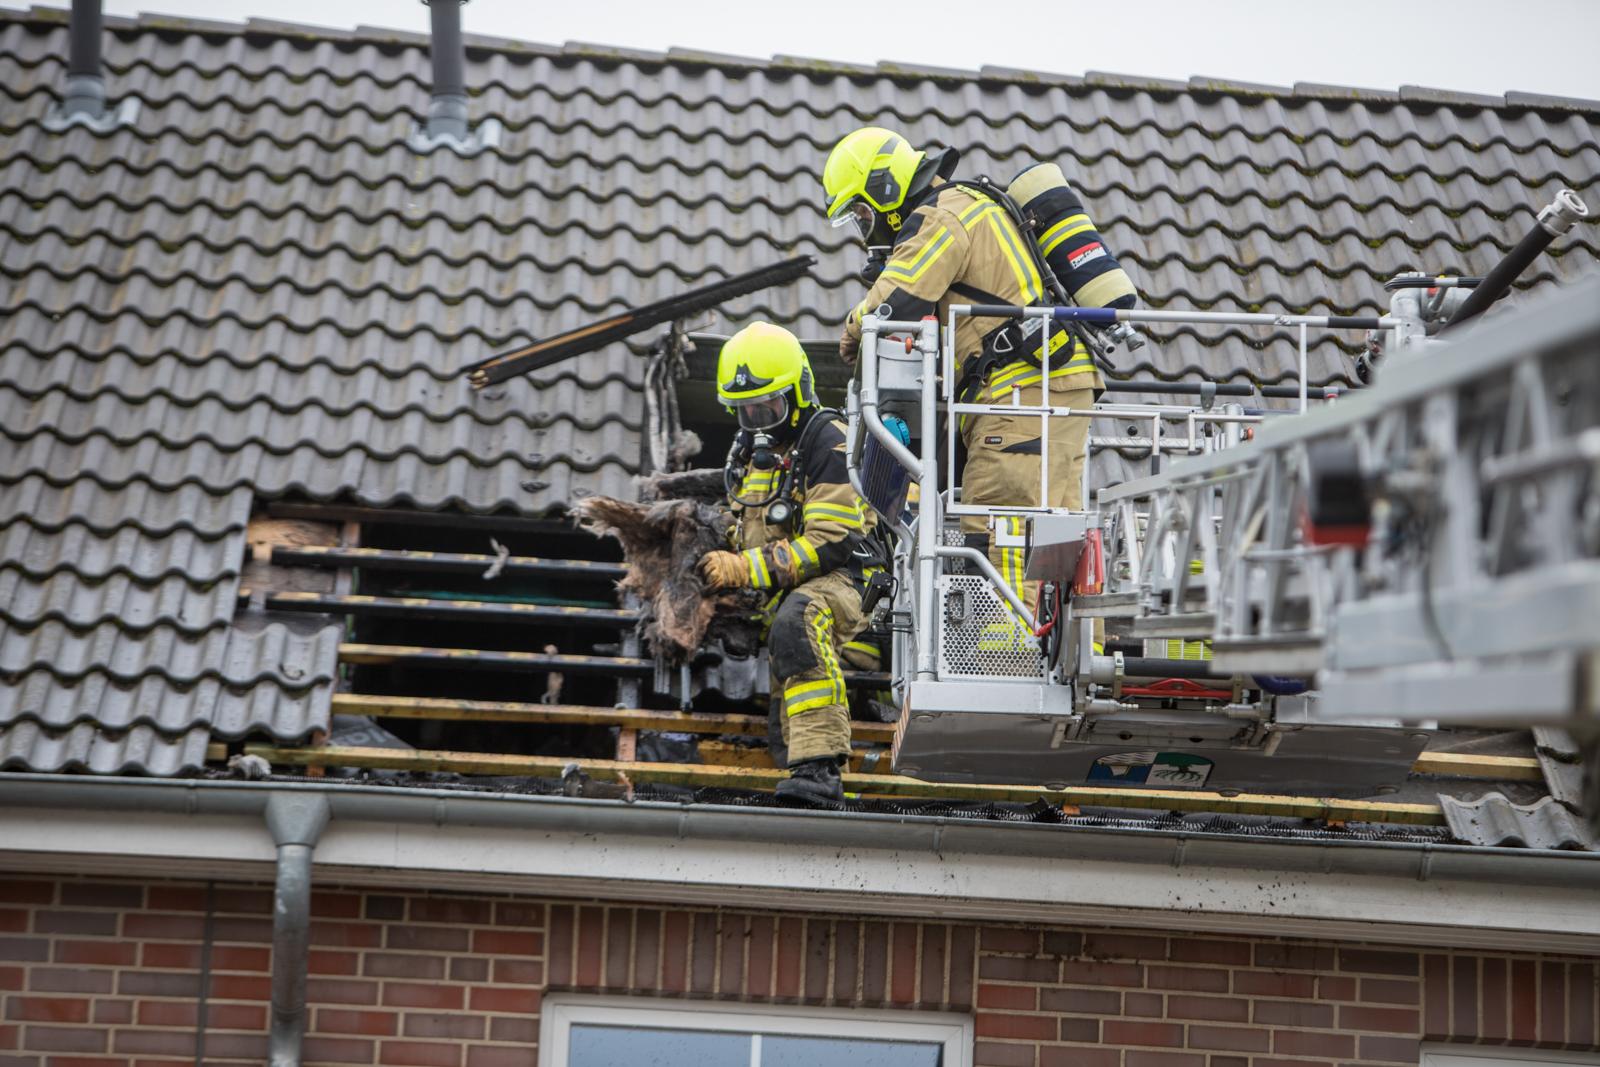 Flammen schlagen aus dem Dachstuhl! – 3 Personen verletzt